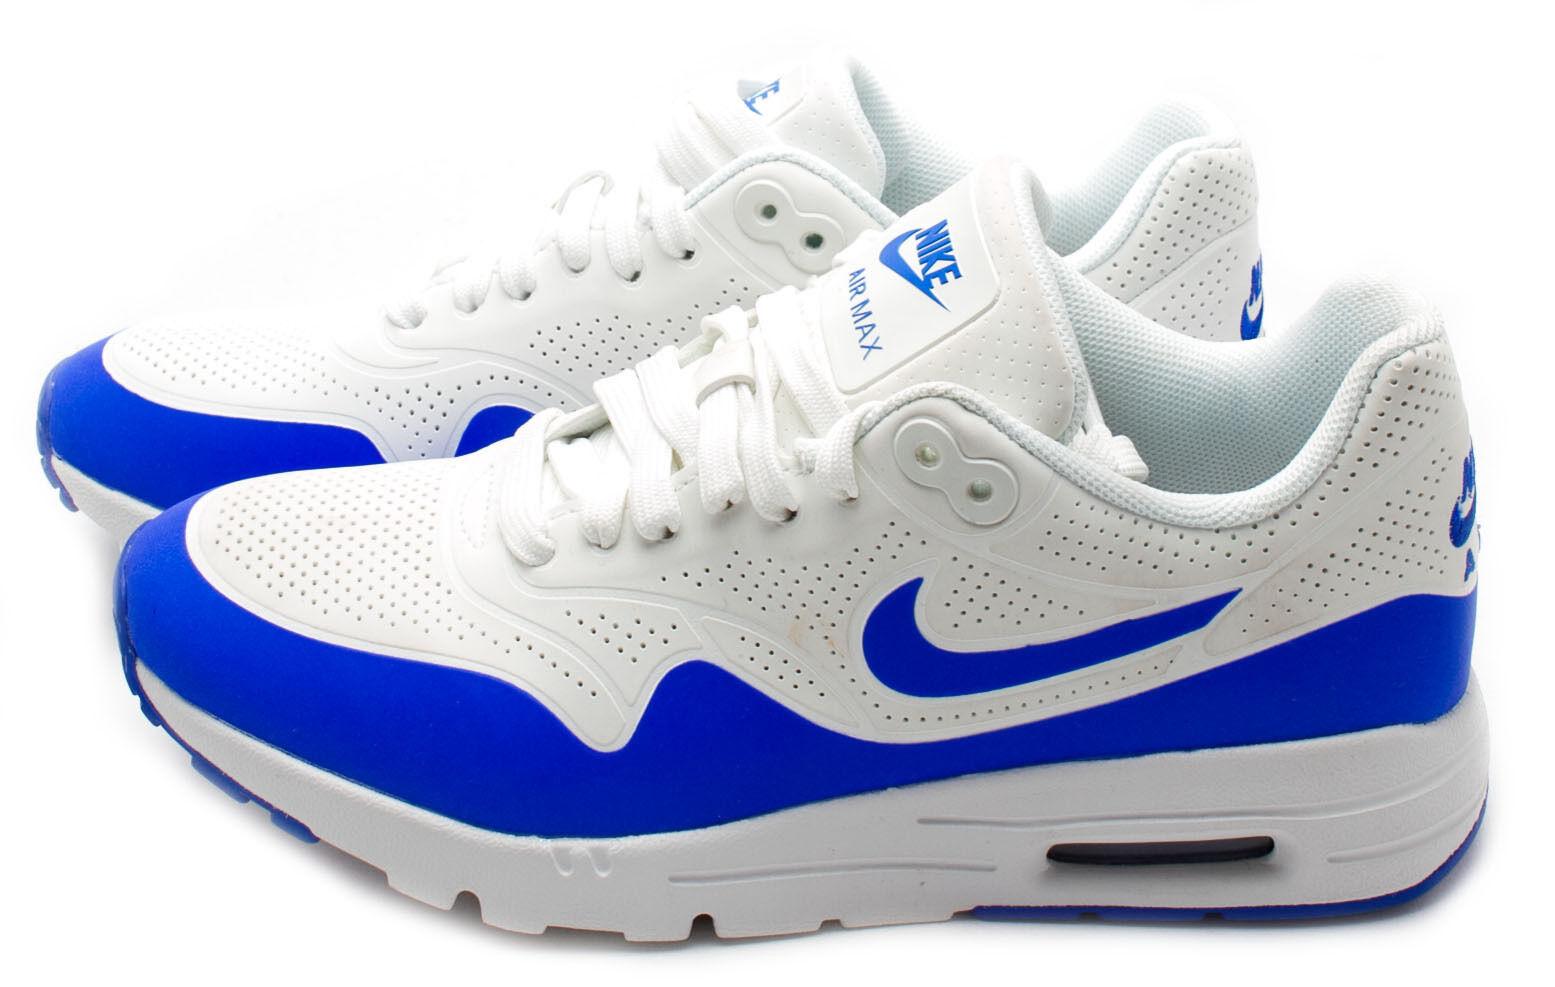 Nike air max 1 - frauen moire laufschuh 704995-100 weiß / blau 5.5-8.5 sz.